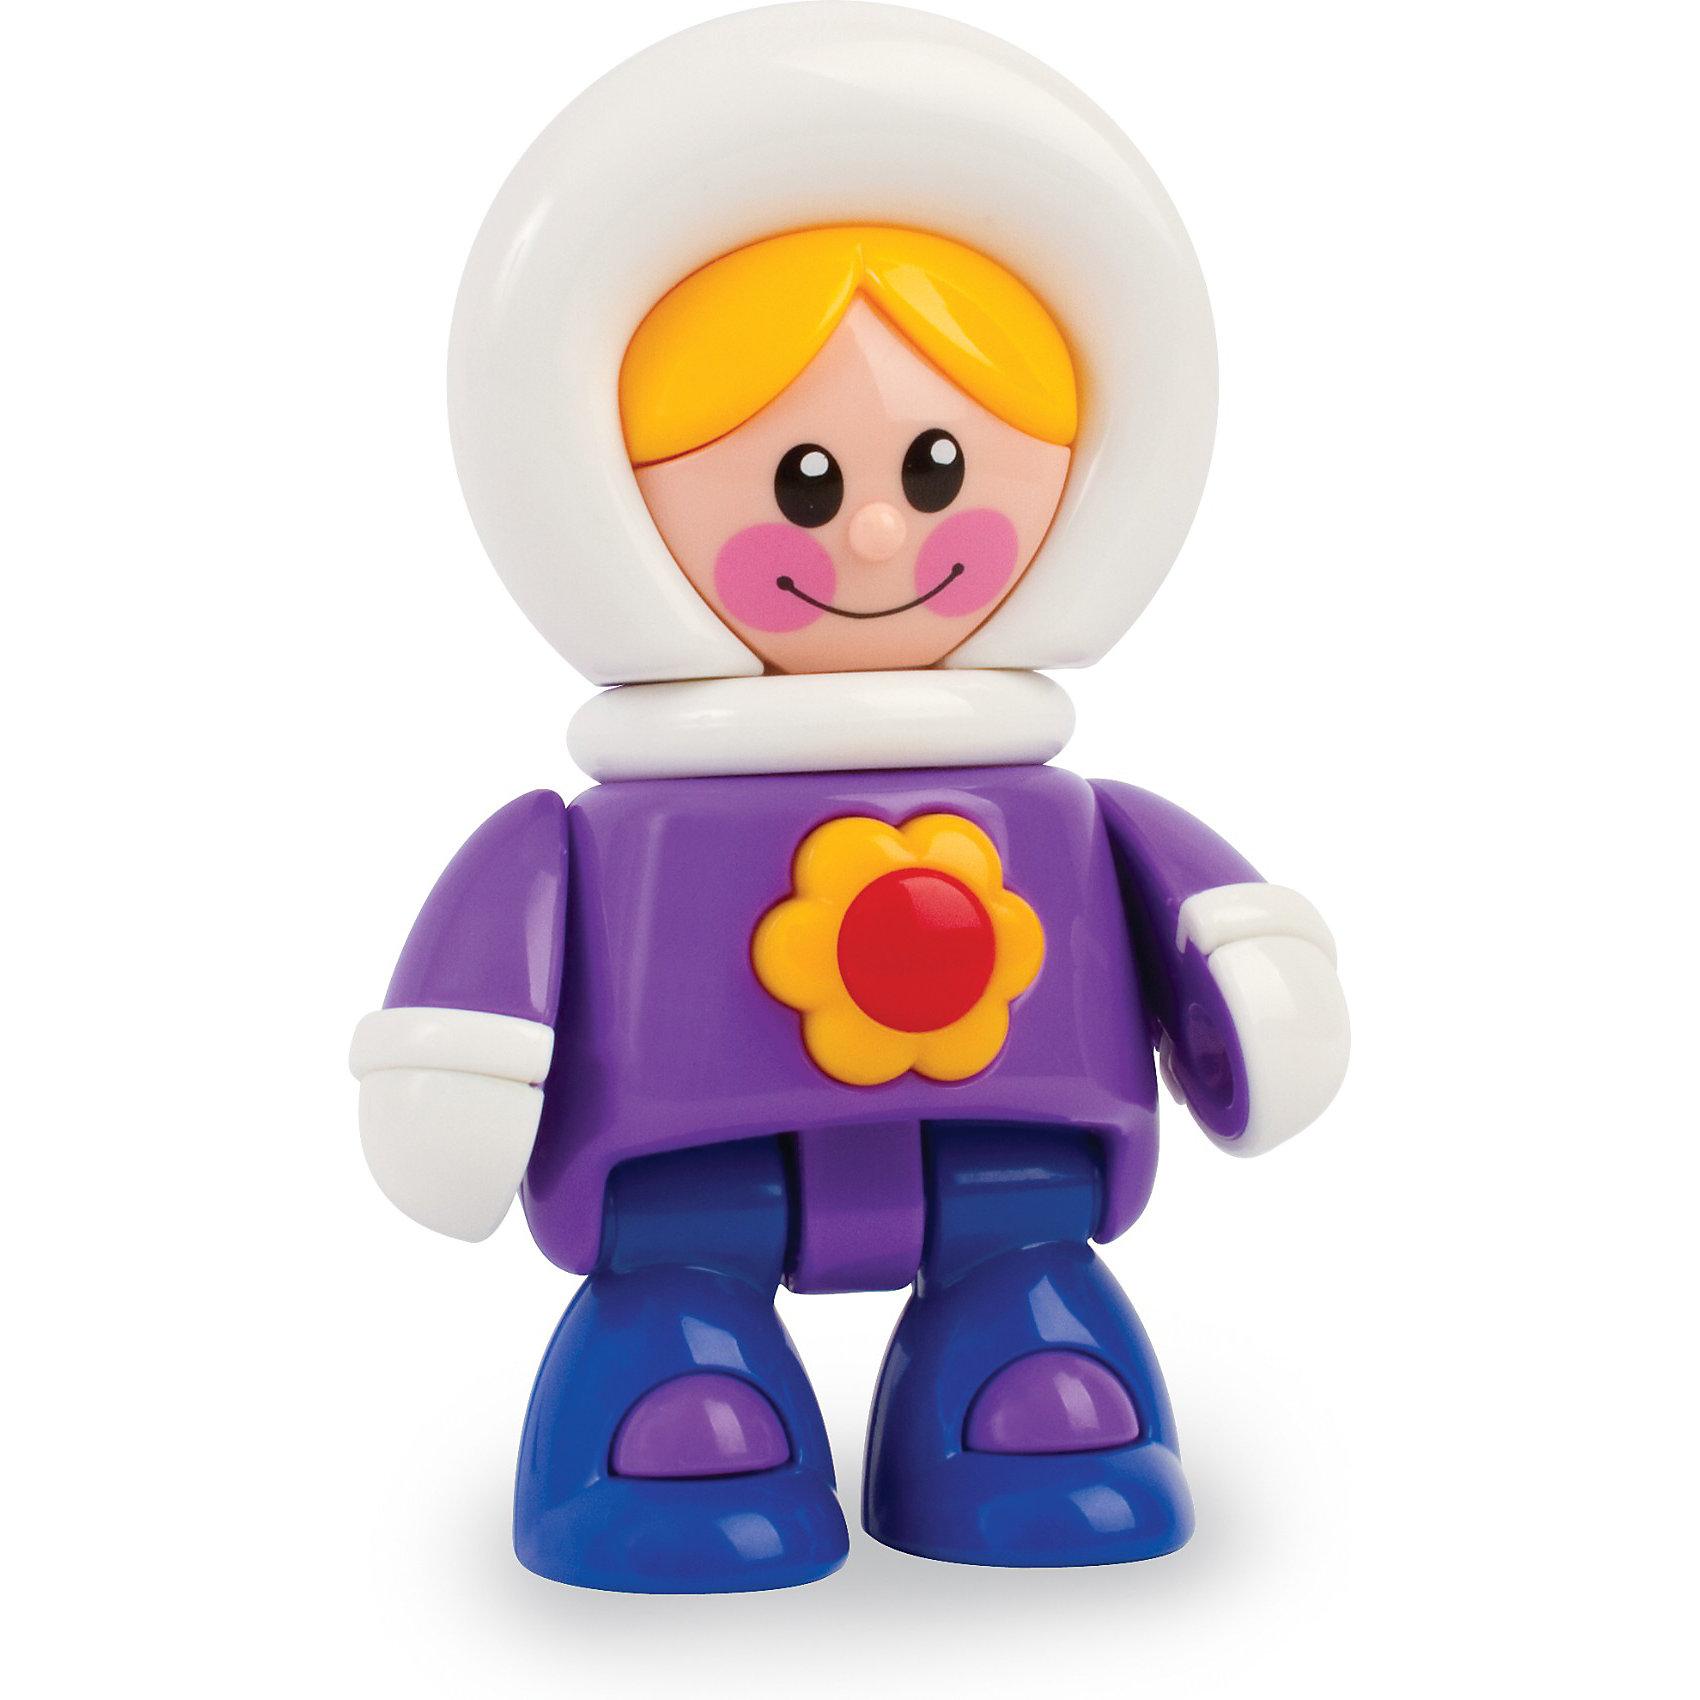 TOLO Фигурка Эскимоска, Первые друзья, TOLO развивающие игрушки tolo toys пещерный мальчик